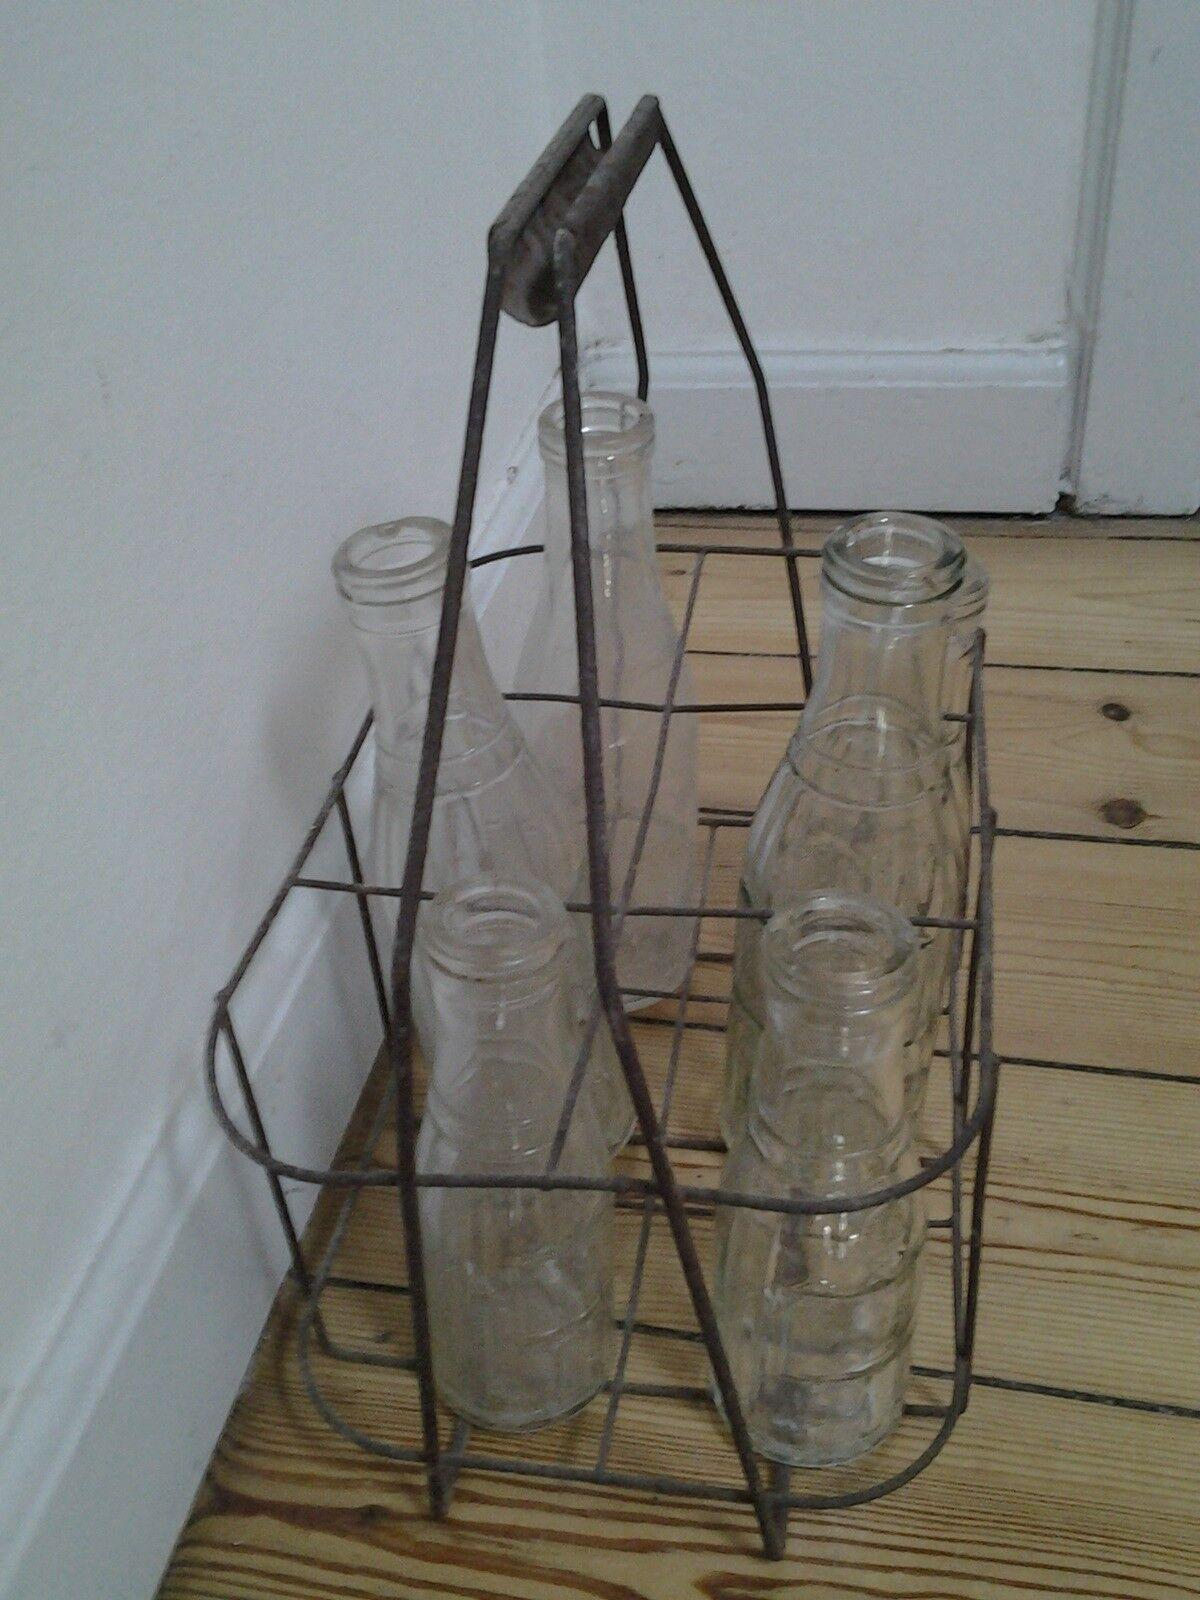 Picture of: Flasker Samba Dba Dk Kob Og Salg Af Nyt Og Brugt